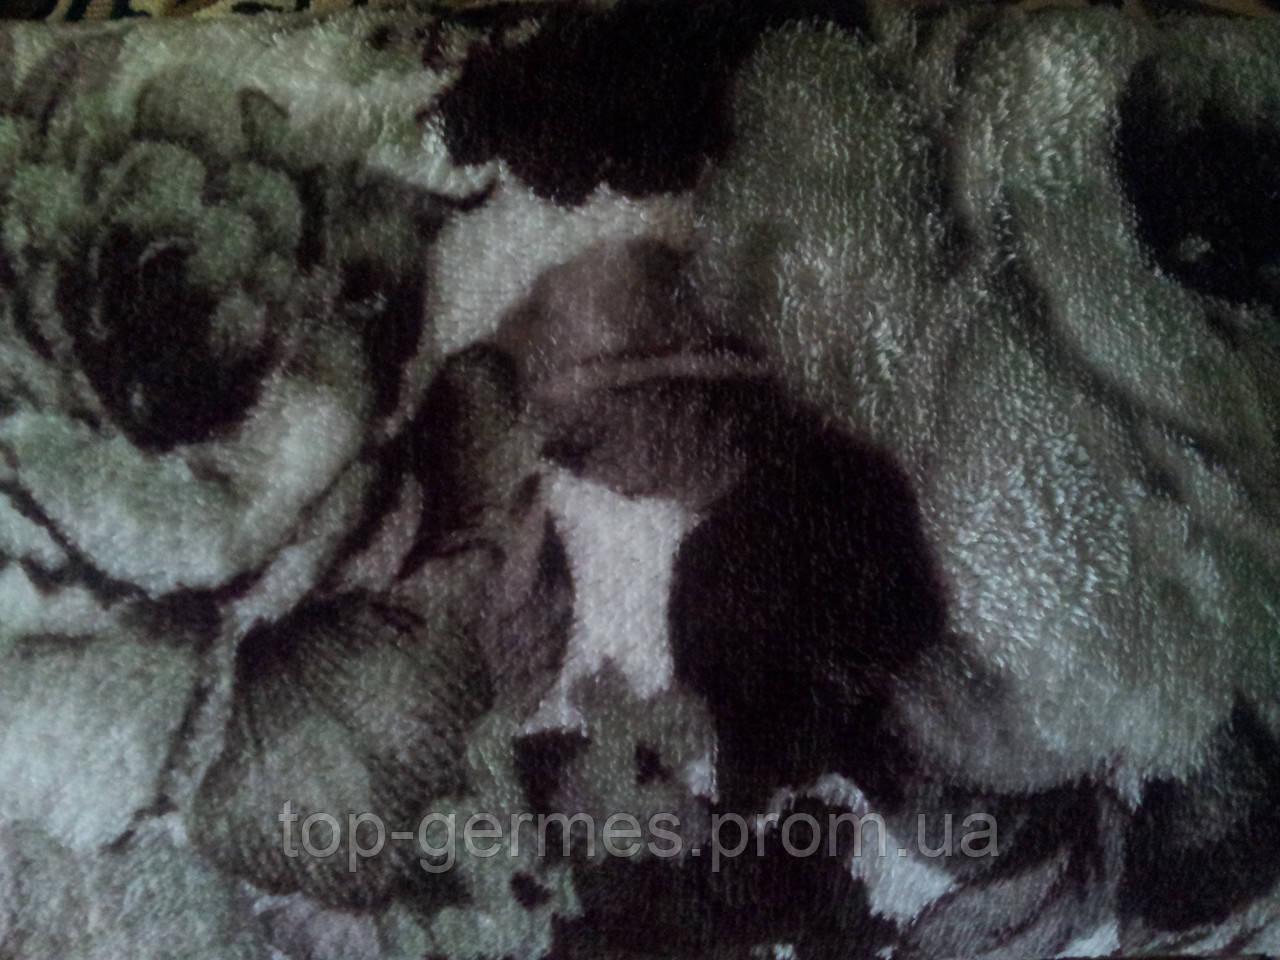 Махровые простыни (трафка) на выбор 180*200